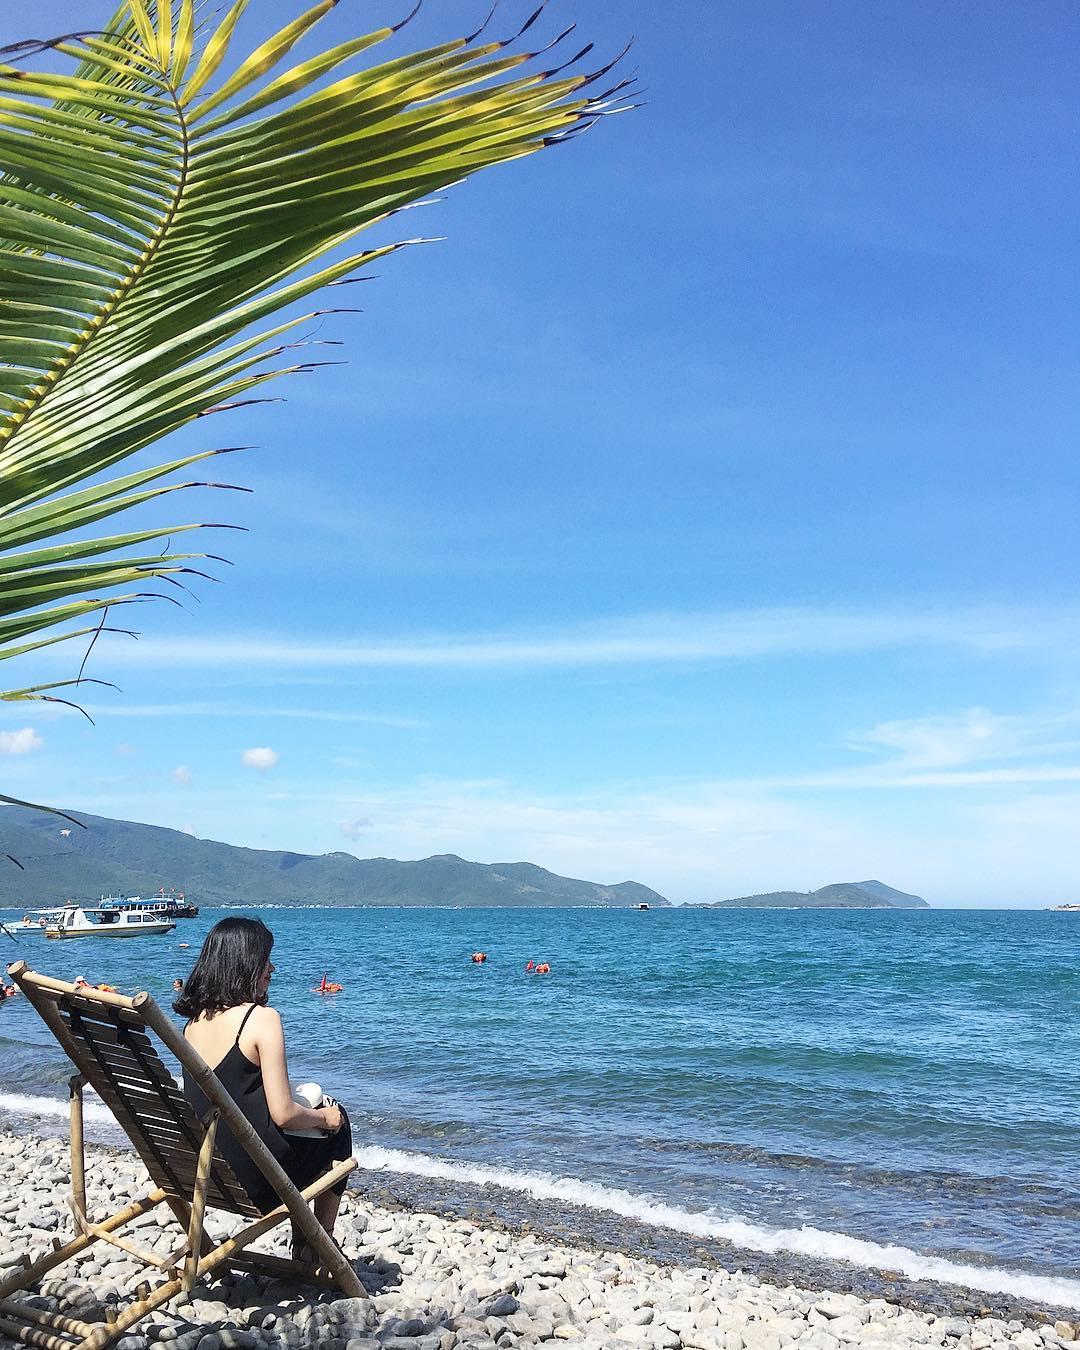 Vẻ đẹp yên bình của bãi Tranh. Hình: @minnguyet.dh